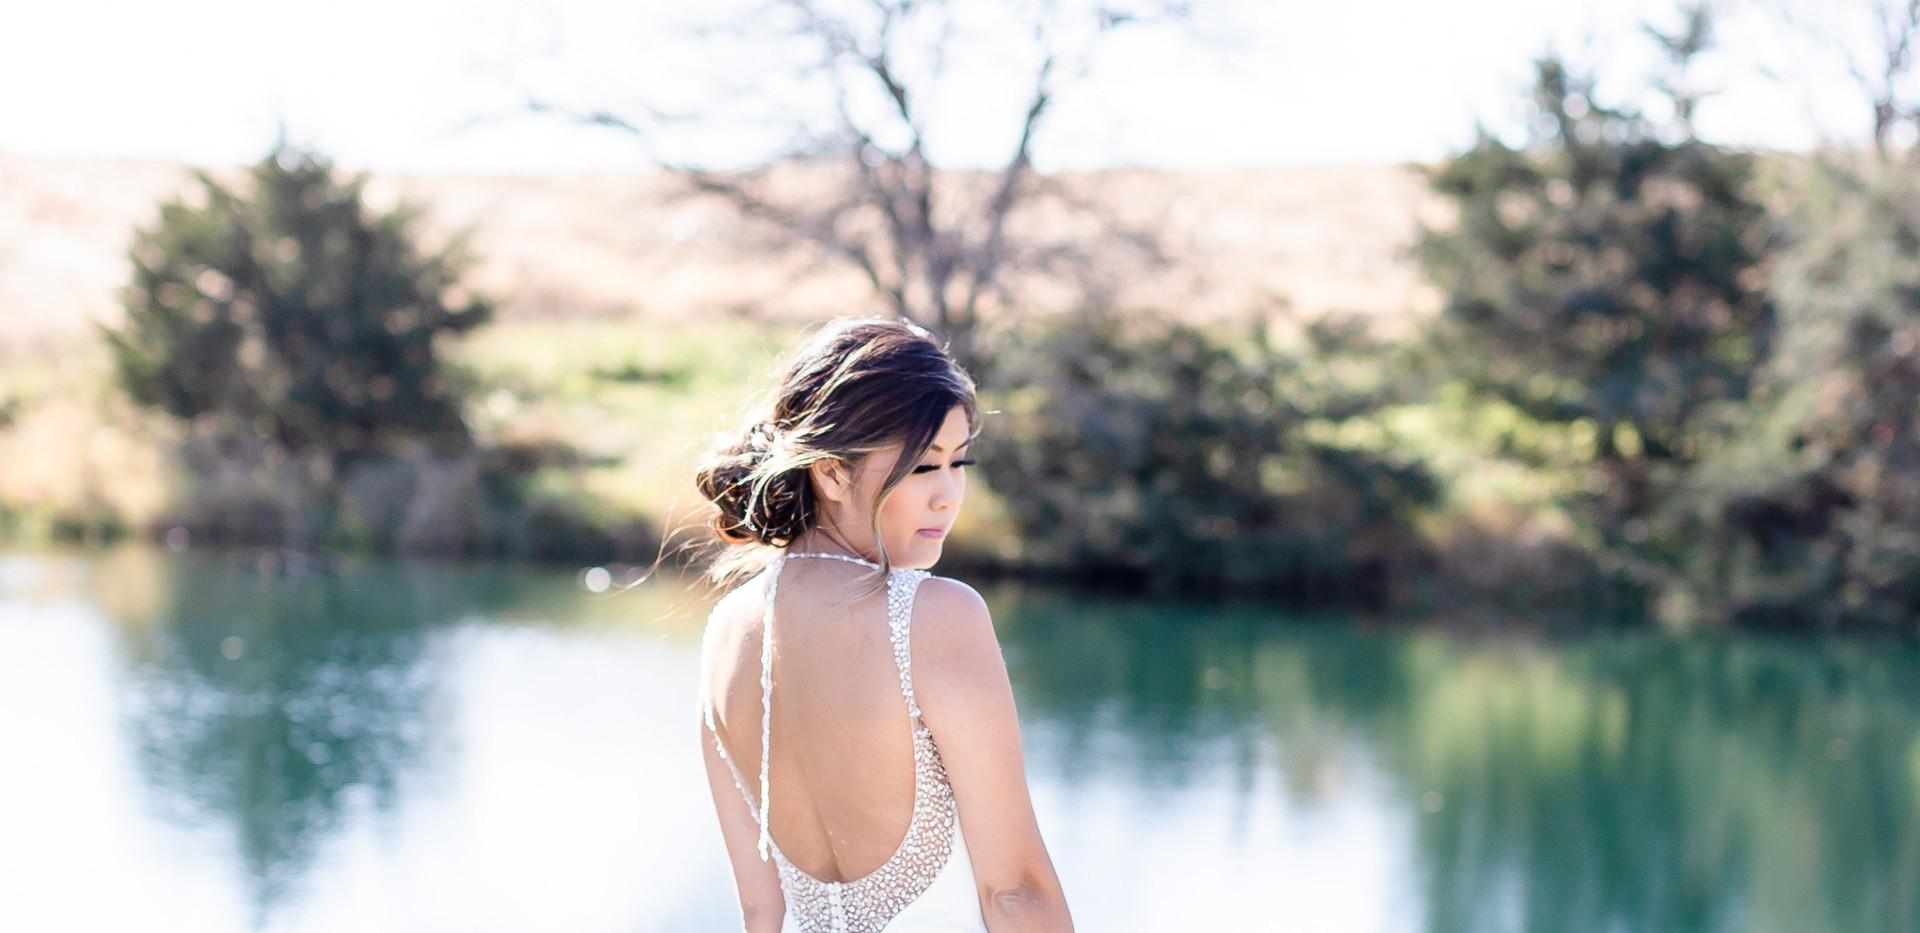 Yeisha Lee Photography